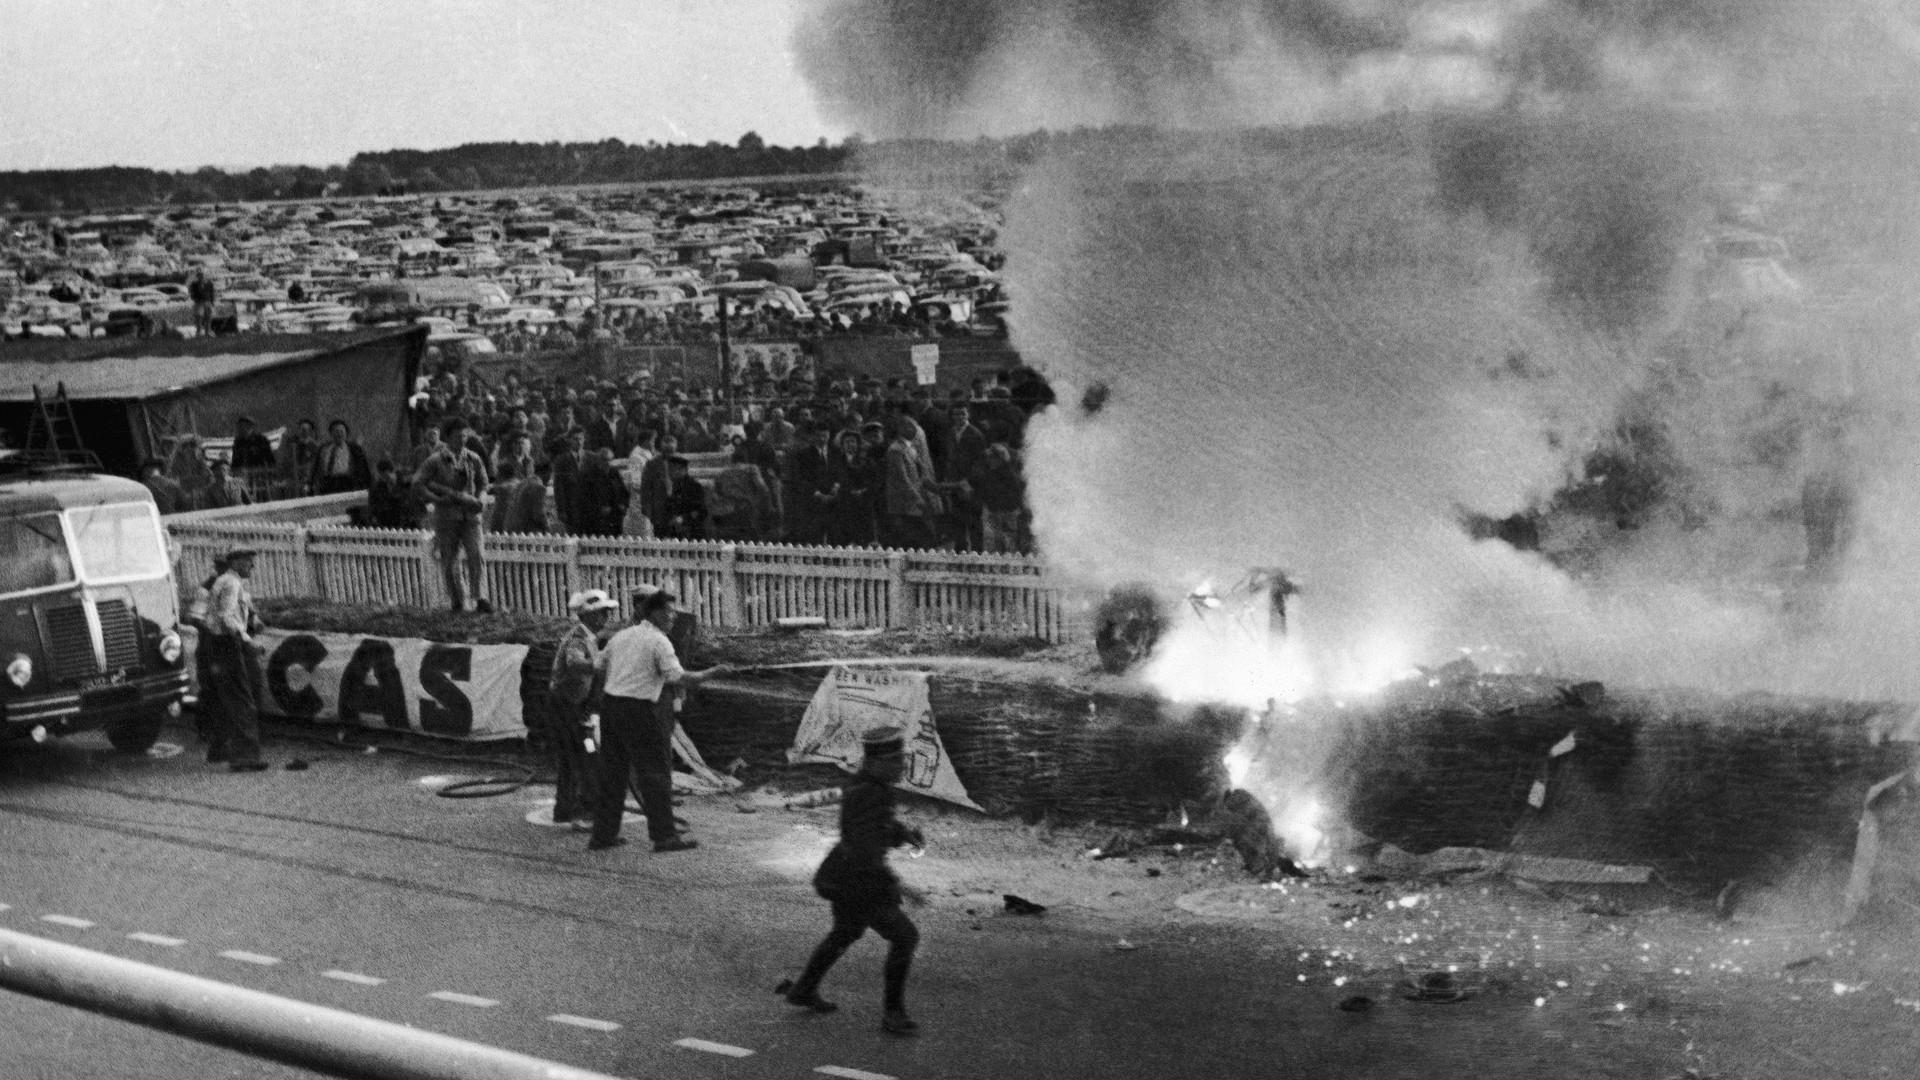 Le Mans 1955 Deadliest Crash